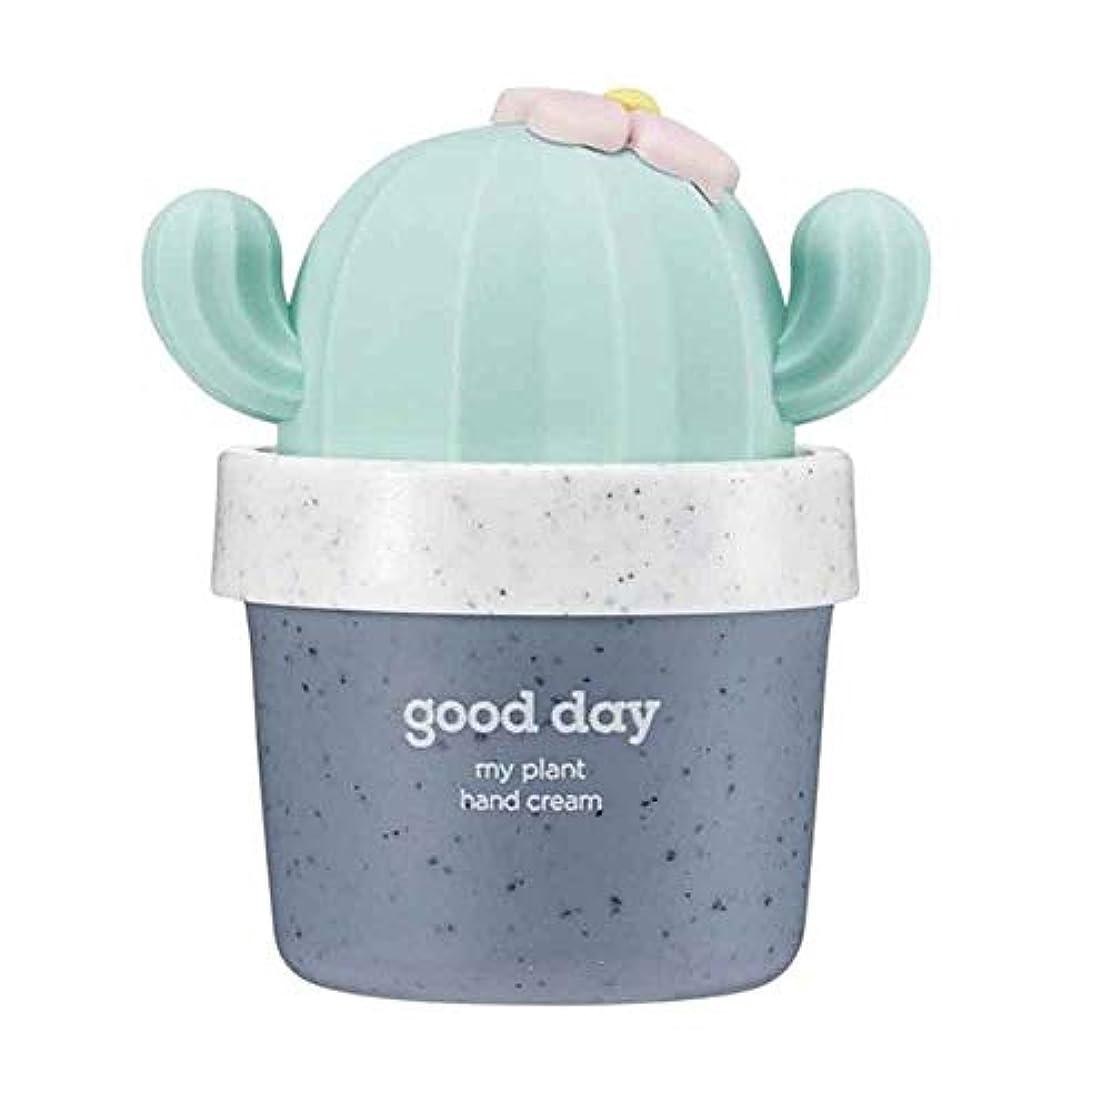 同盟ジェット確認する[THE FACE SHOP] ザフェイスショップ ミニサボテン 鉢植えハンドクリーム #03 Good Day 30ml